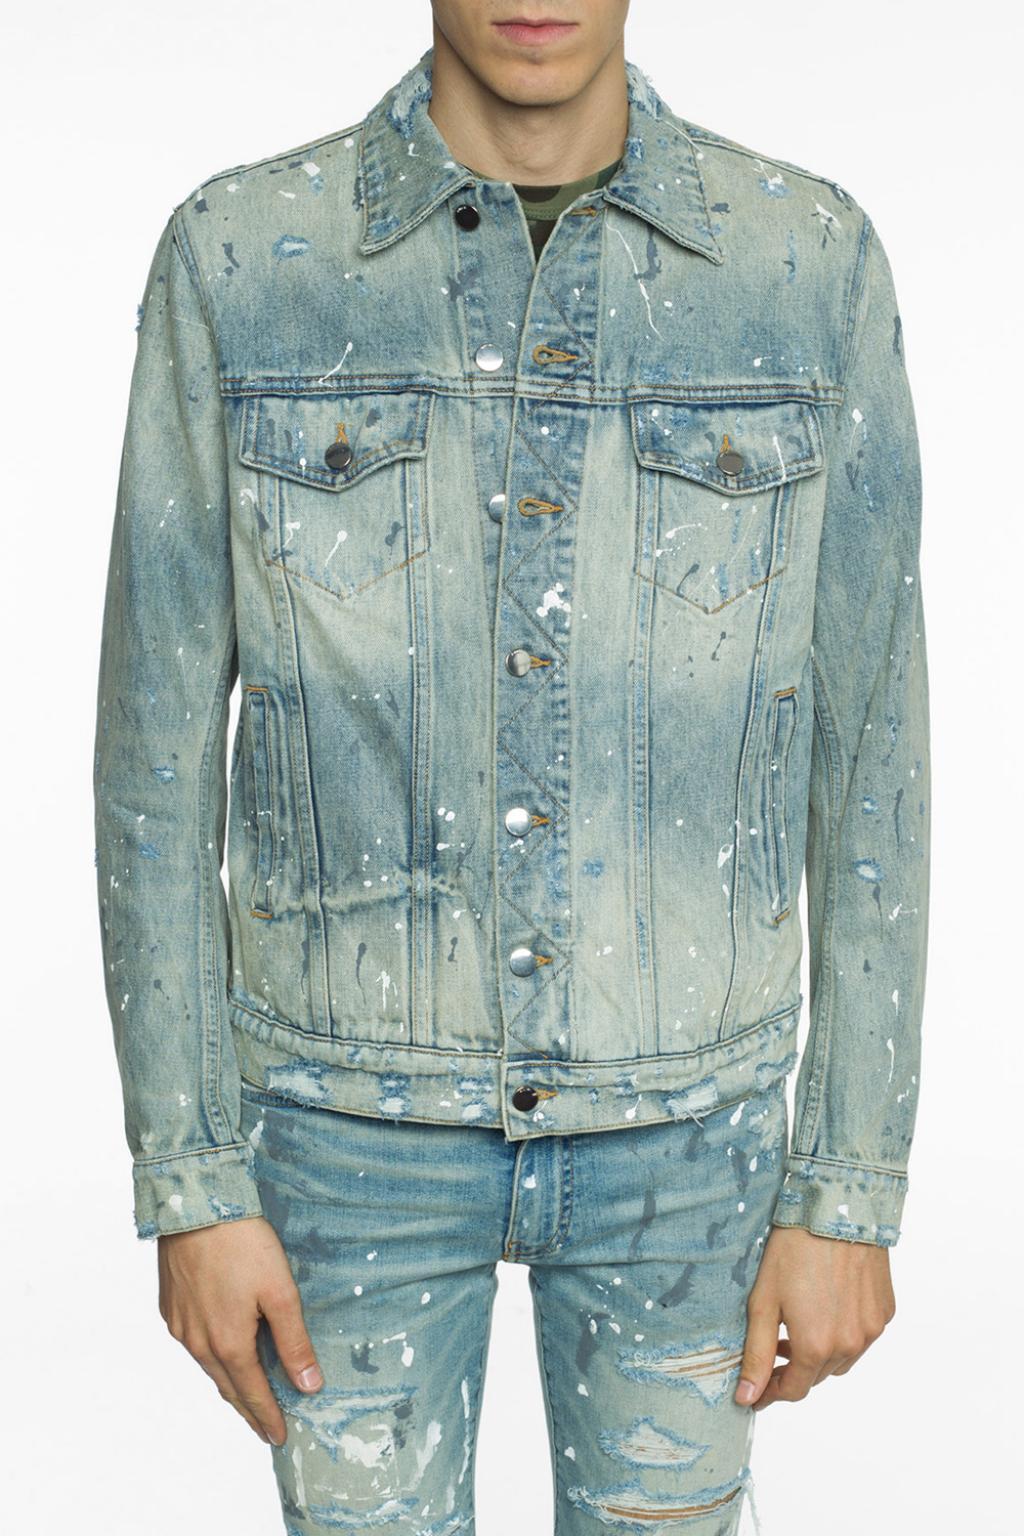 Paint splatter denim jacket Amiri   Vitkac Germany